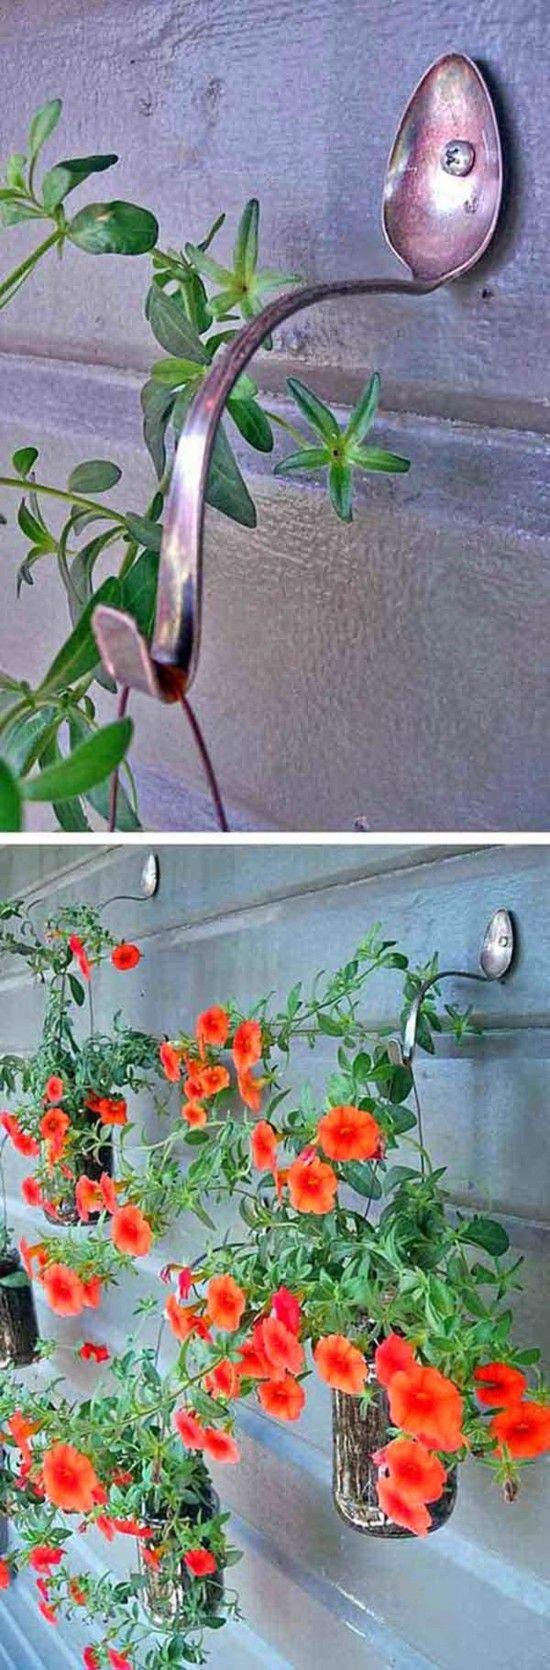 Photo of Upcycling Gartendeko selber machen – 70 ganz einfache Gartenideen mit WOW-Effekt